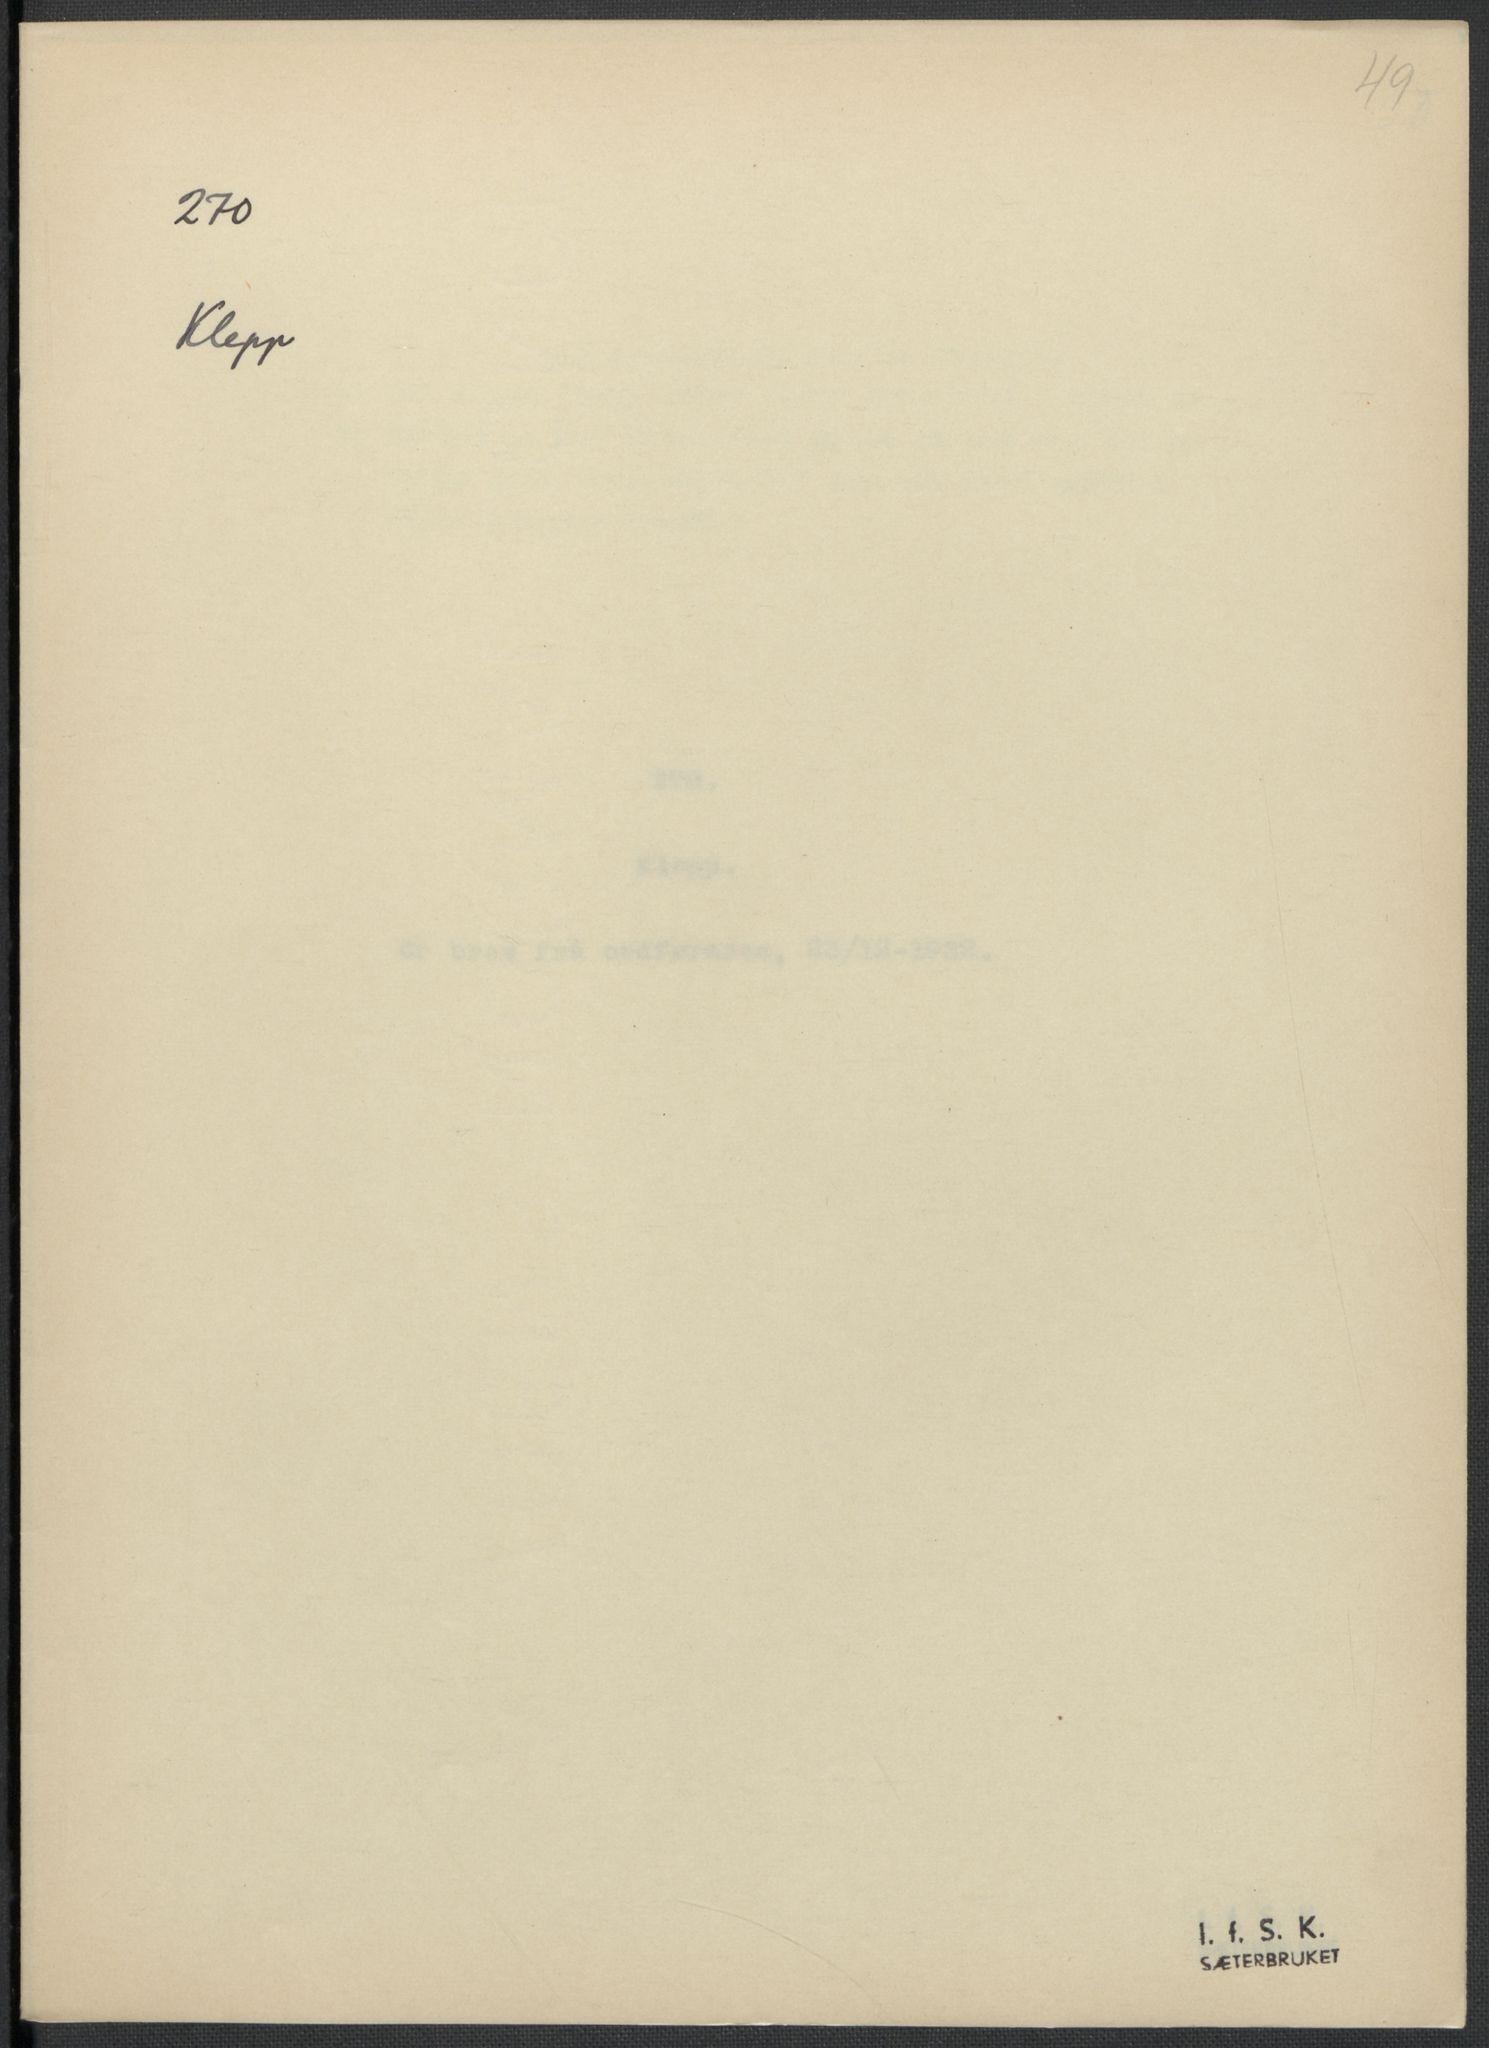 RA, Instituttet for sammenlignende kulturforskning, F/Fc/L0009: Eske B9:, 1932-1935, s. 49